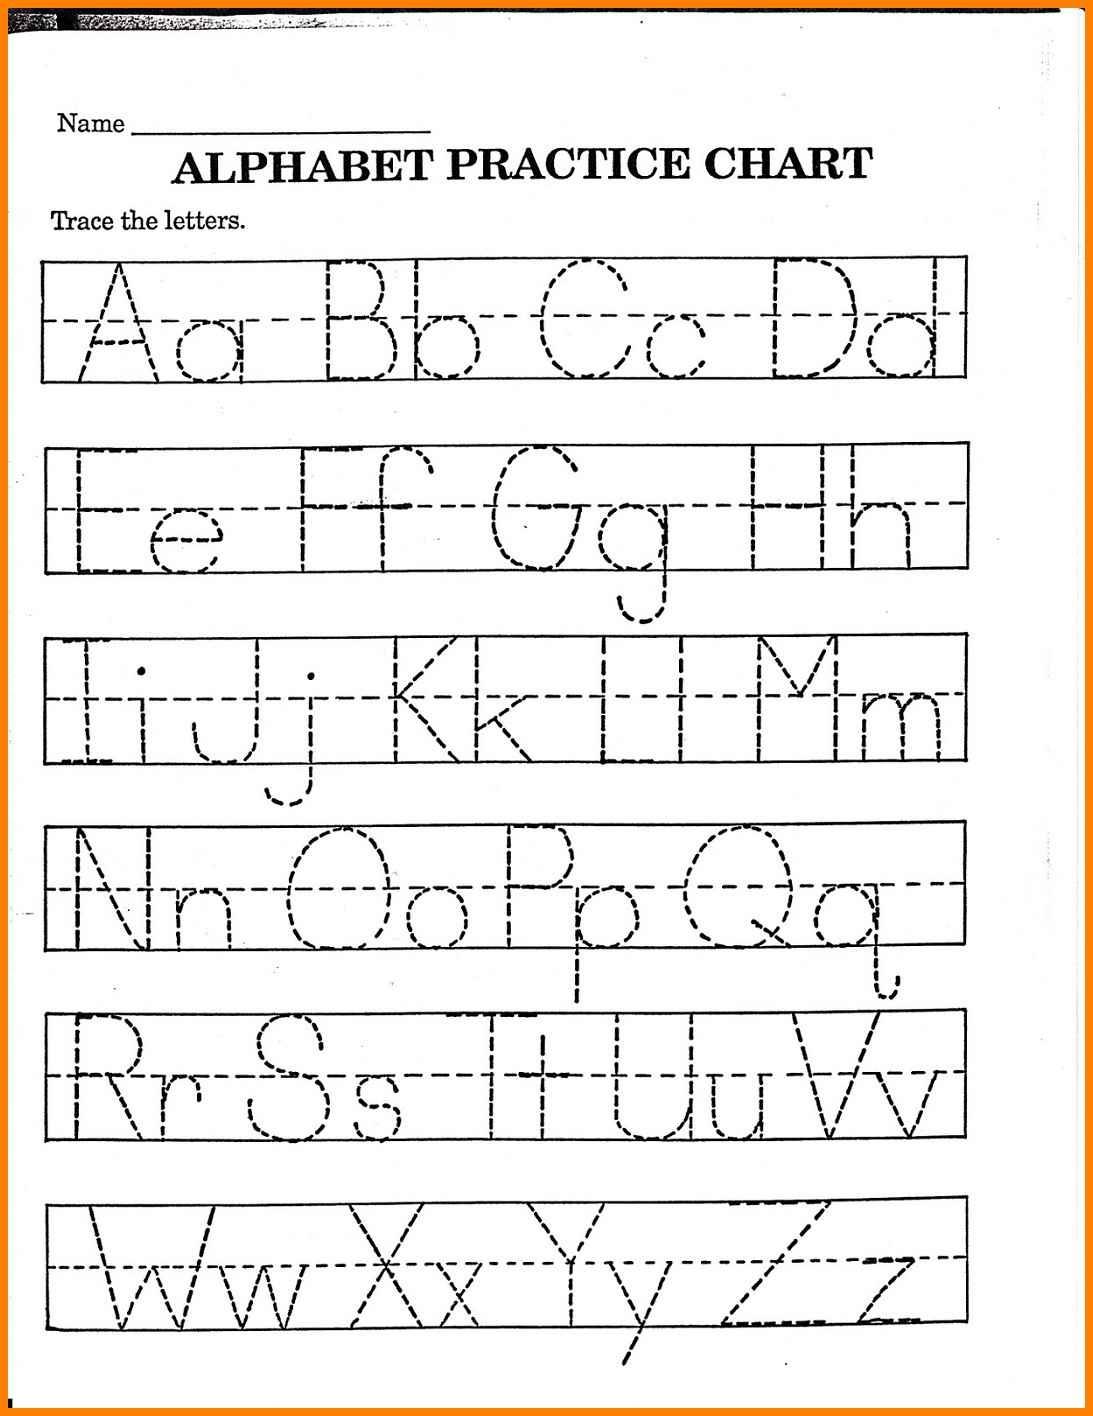 Worksheet : Kinder Worksheets Kindergarten Alphabet Practice Letter - Free Printable Practice Name Writing Sheets